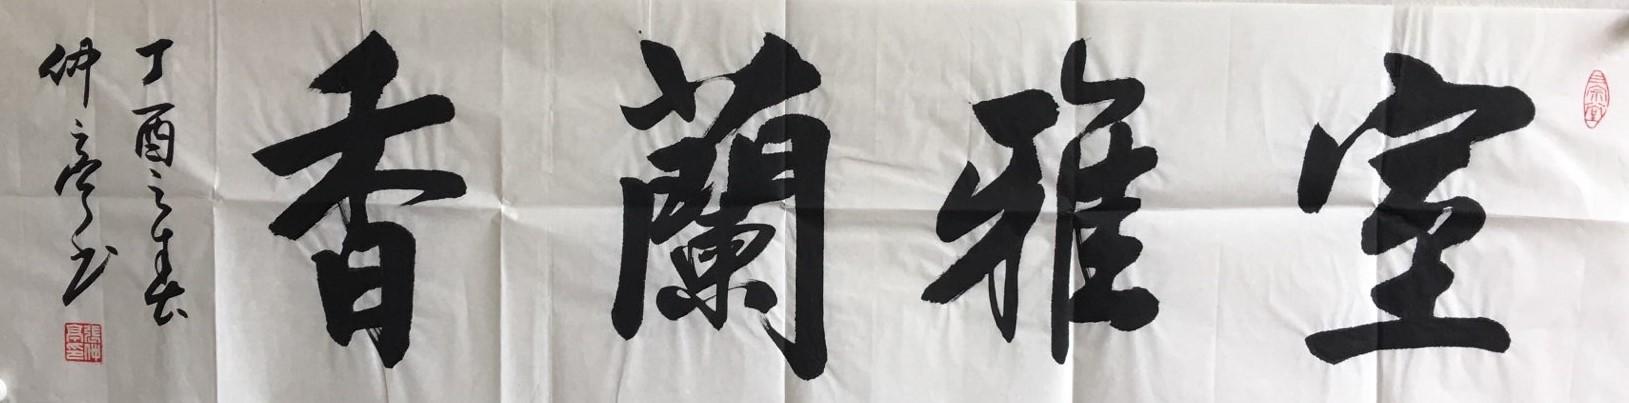 013 张仲亭